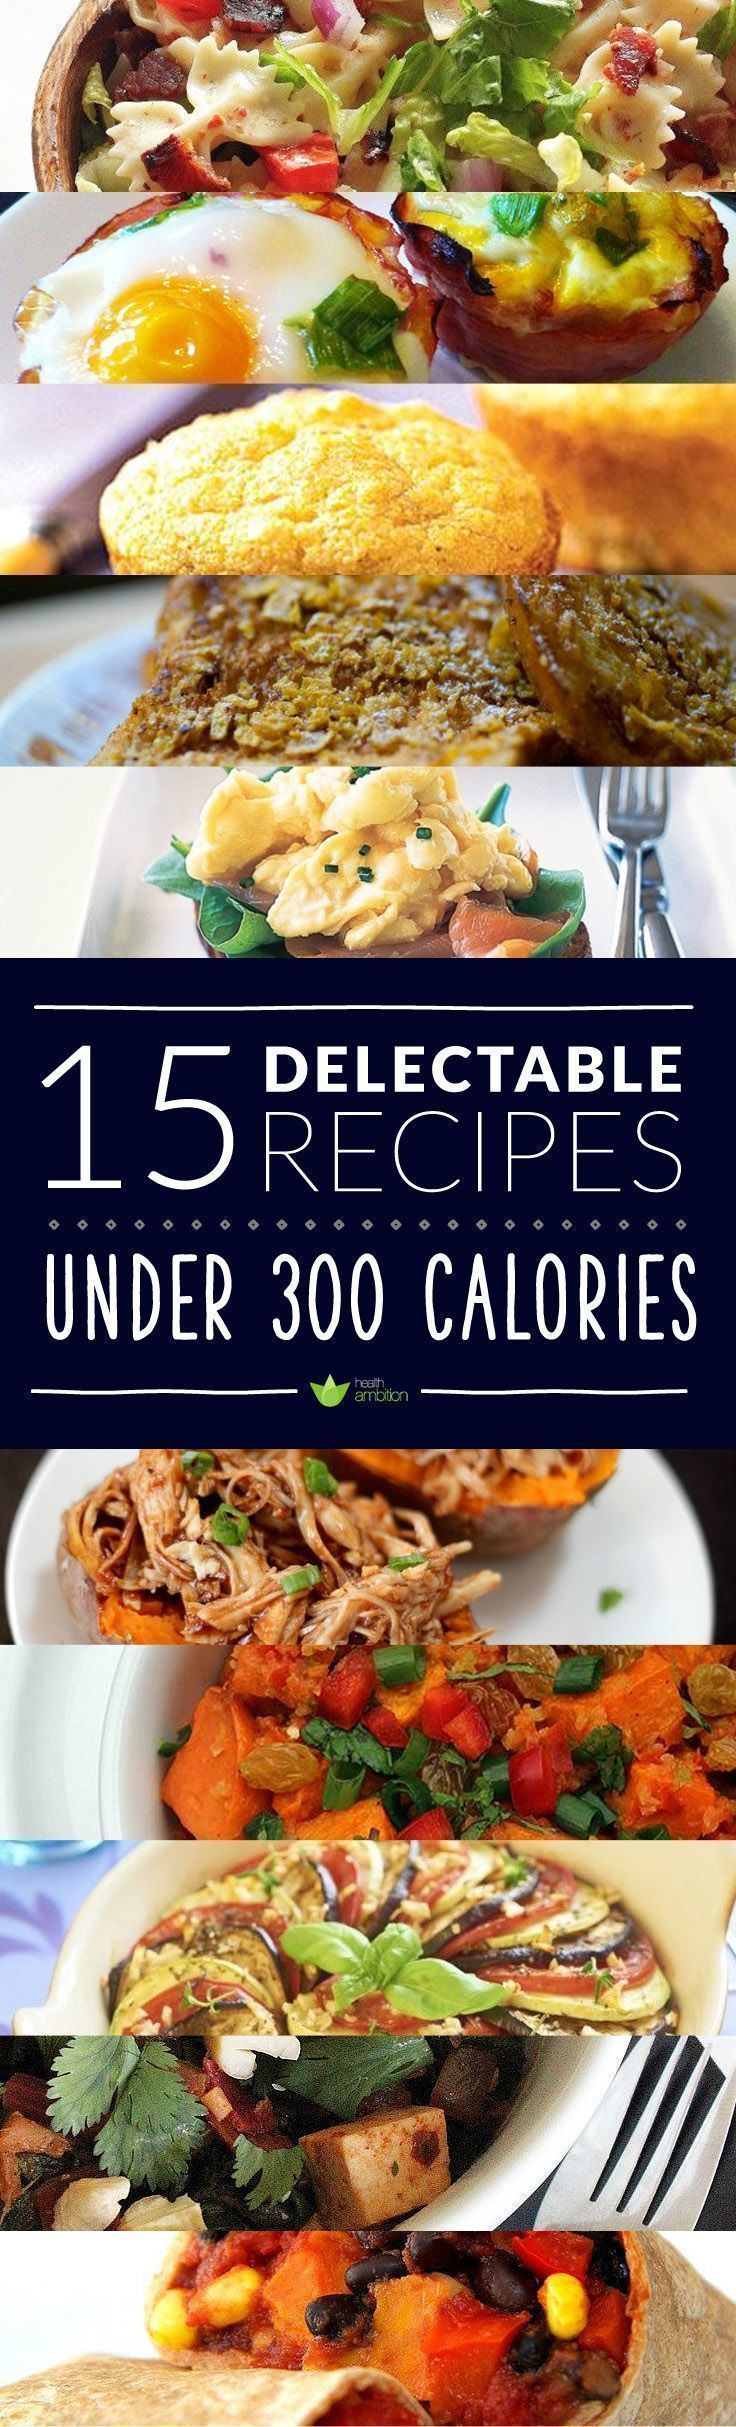 15 Delicious Recipes Under 300 Calories (Im craving #7 just writing about it) #300caloriemeals 15 Delicious Recipes Under 300 Calories (Im craving #7 just writing about it) #300caloriemeals 15 Delicious Recipes Under 300 Calories (Im craving #7 just writing about it) #300caloriemeals 15 Delicious Recipes Under 300 Calories (Im craving #7 just writing about it) #300caloriemeals 15 Delicious Recipes Under 300 Calories (Im craving #7 just writing about it) #300caloriemeals 15 Delicious Recipes Unde #300caloriemeals